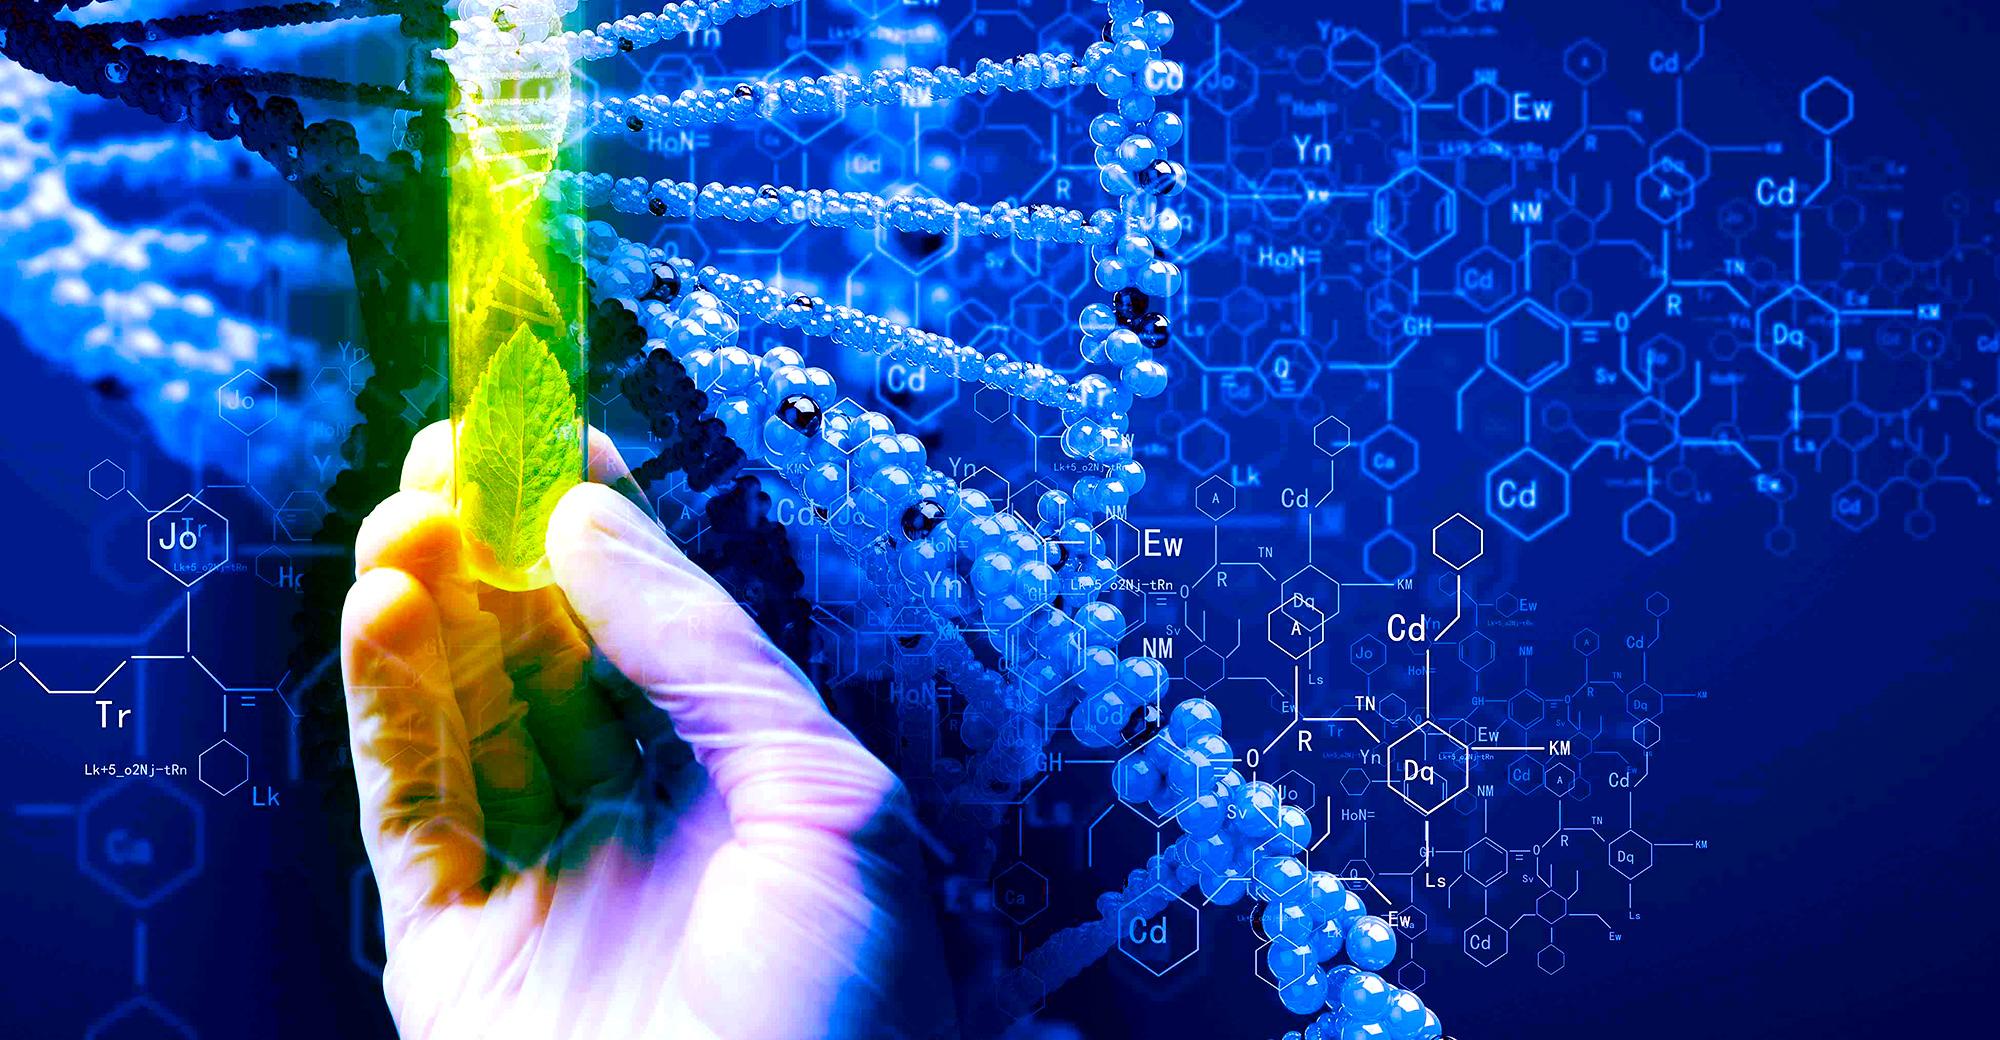 Как биохакеры пытаются улучшить свой мозг, тело и человеческую природу. 9 вопросов о биохакинге, которые вы стеснялись задать.